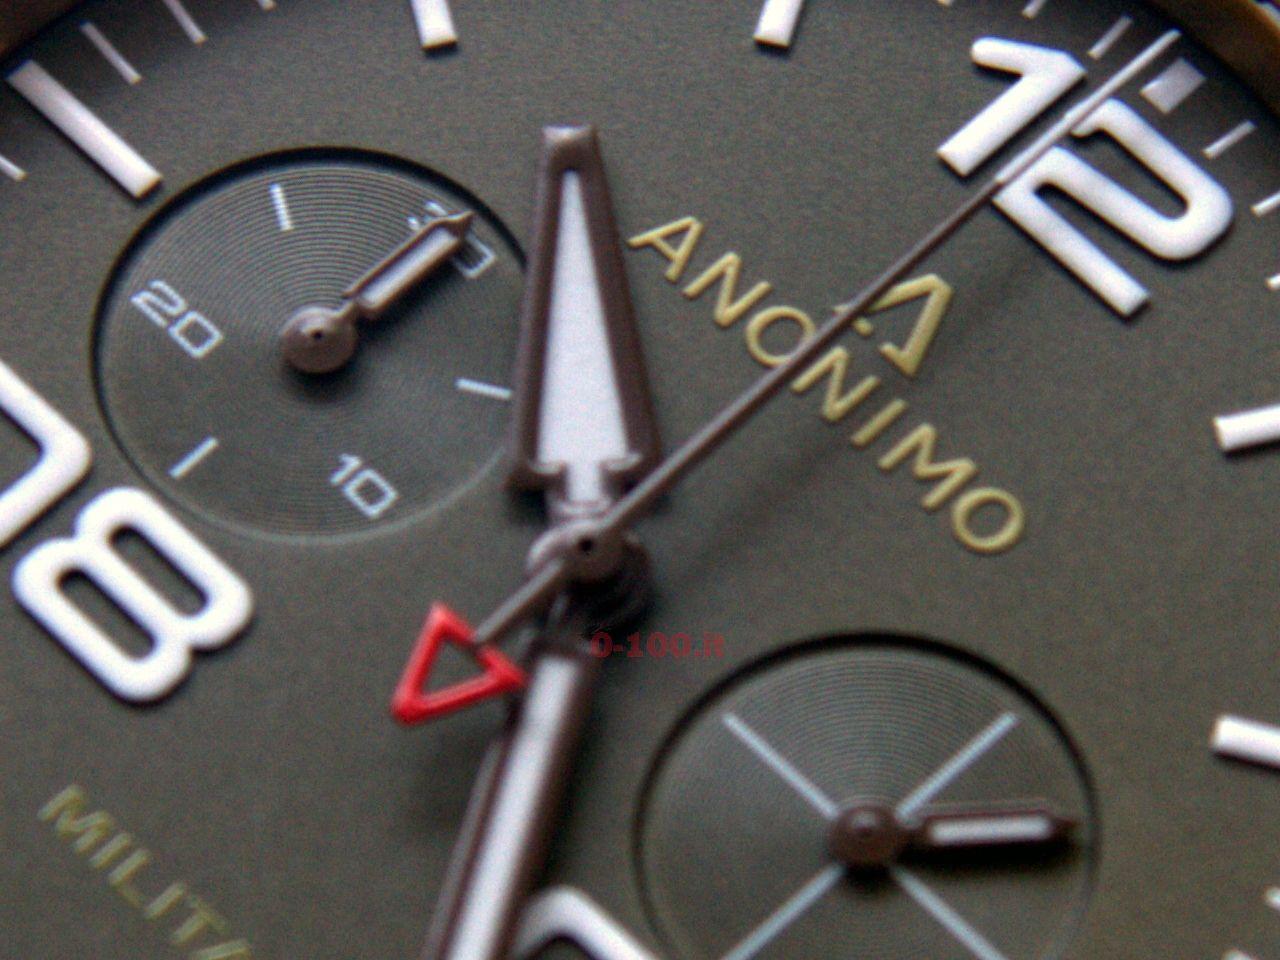 anonimo_militare-nautilo-chrono-date-bronze-prezzo-price-negozi-dealer-0-100_26